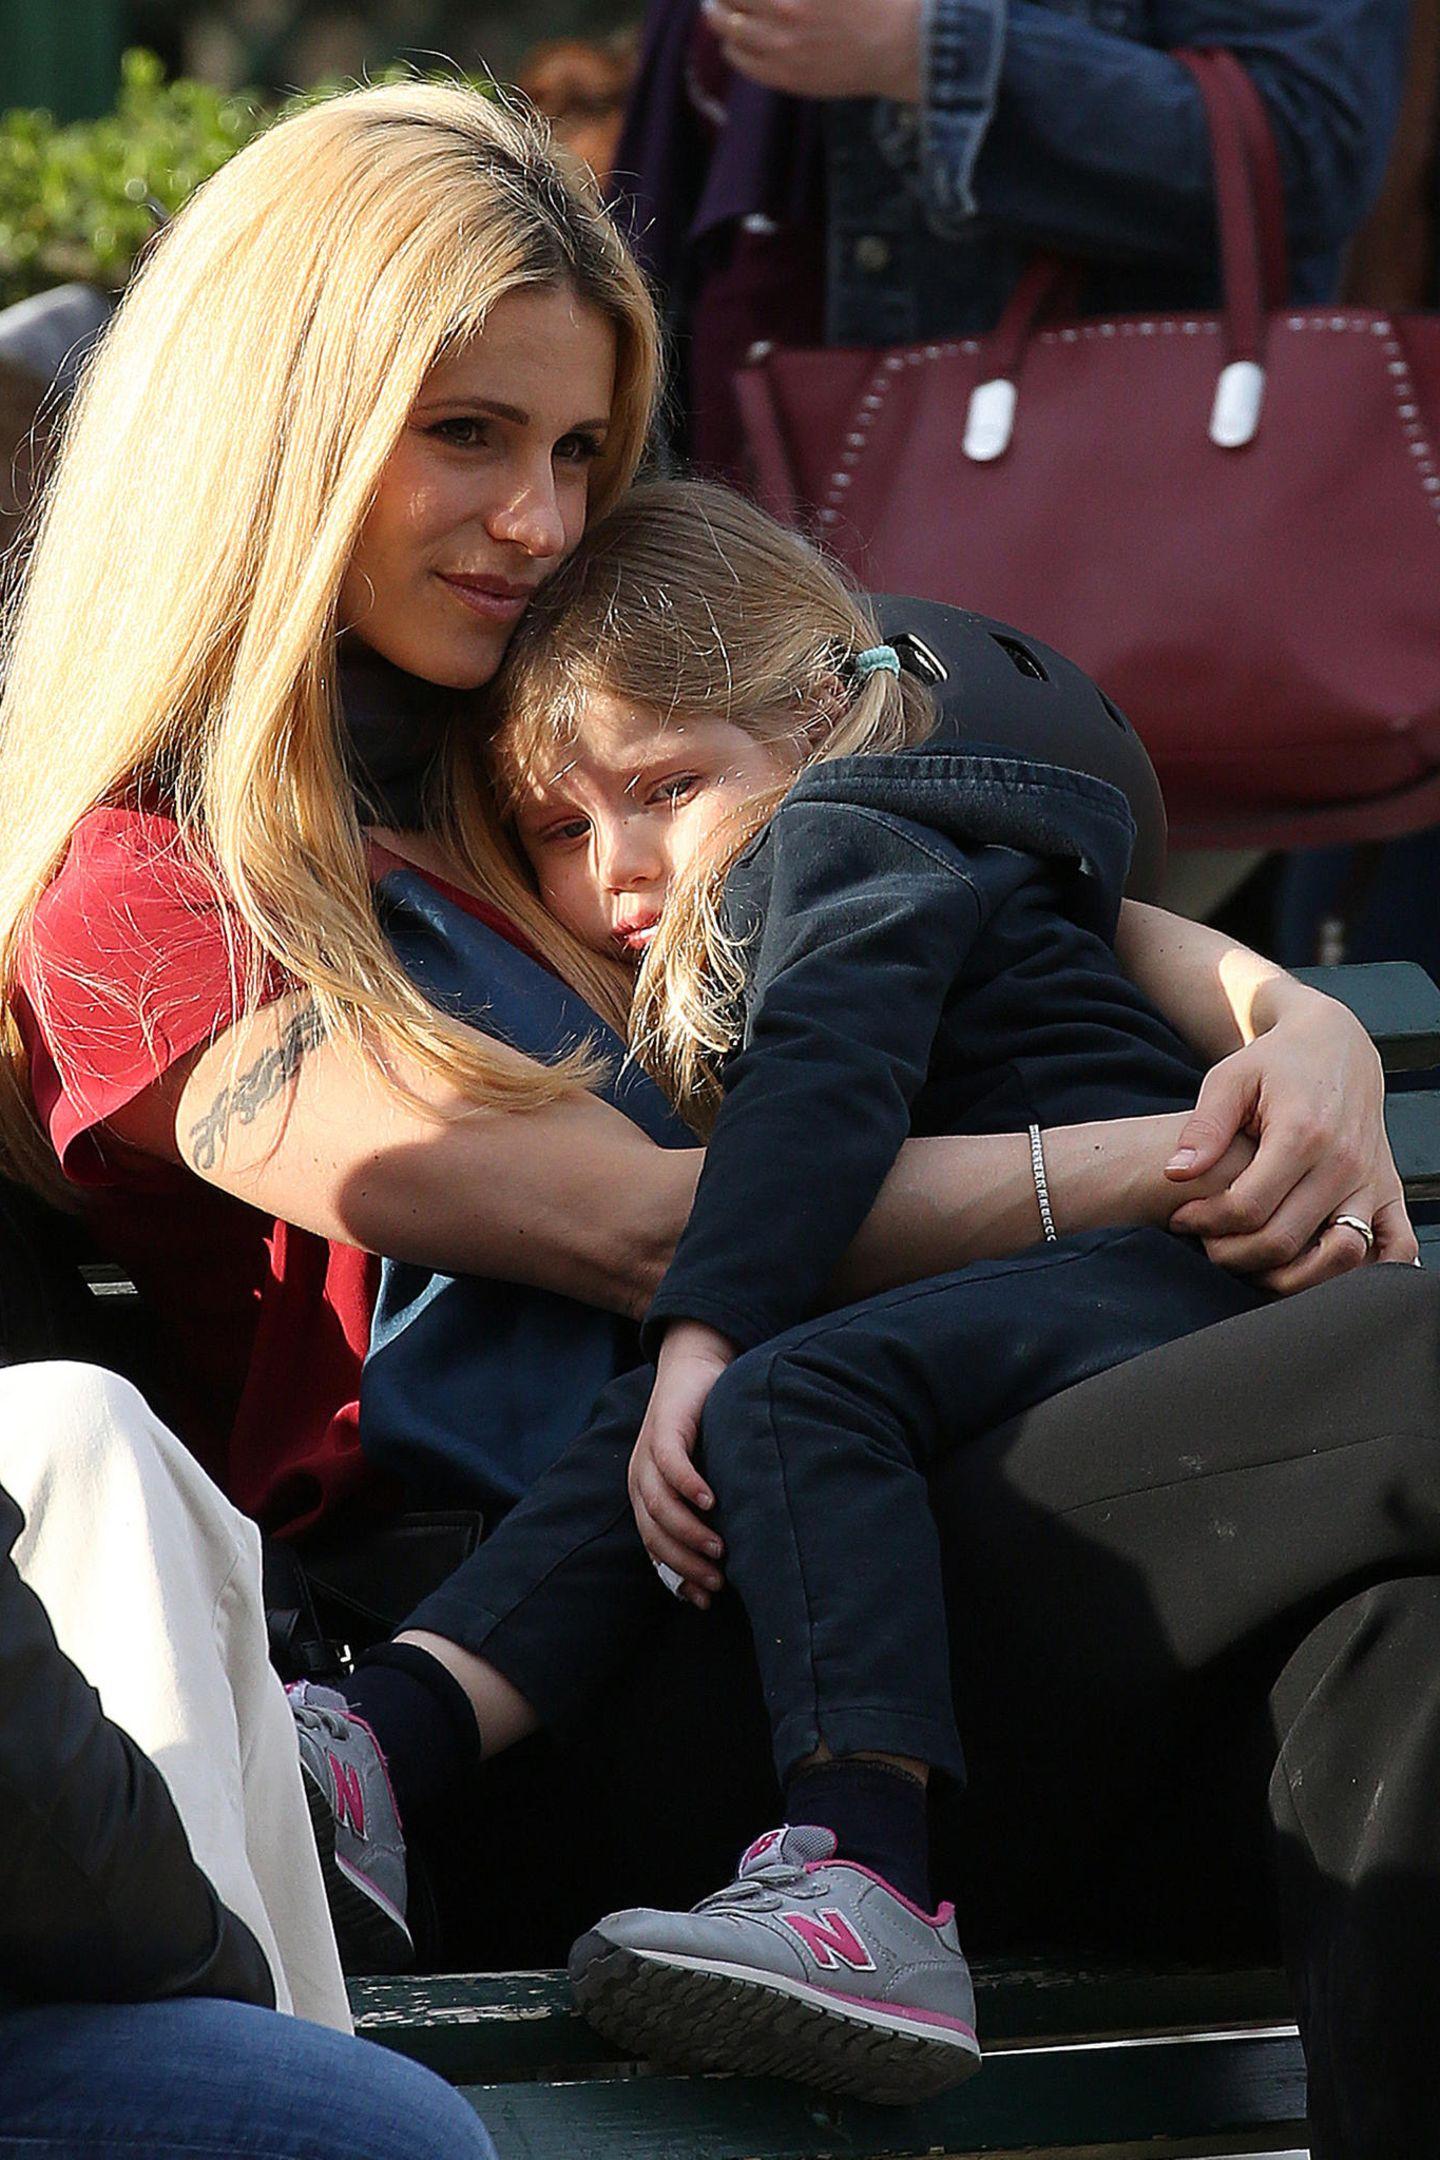 25. März 2019  So viel Toberei macht müde. Erschöpft kuschelt sich Celeste nach dem Spielplatz-Abenteuer in die Arme von Michelle Hunziker.